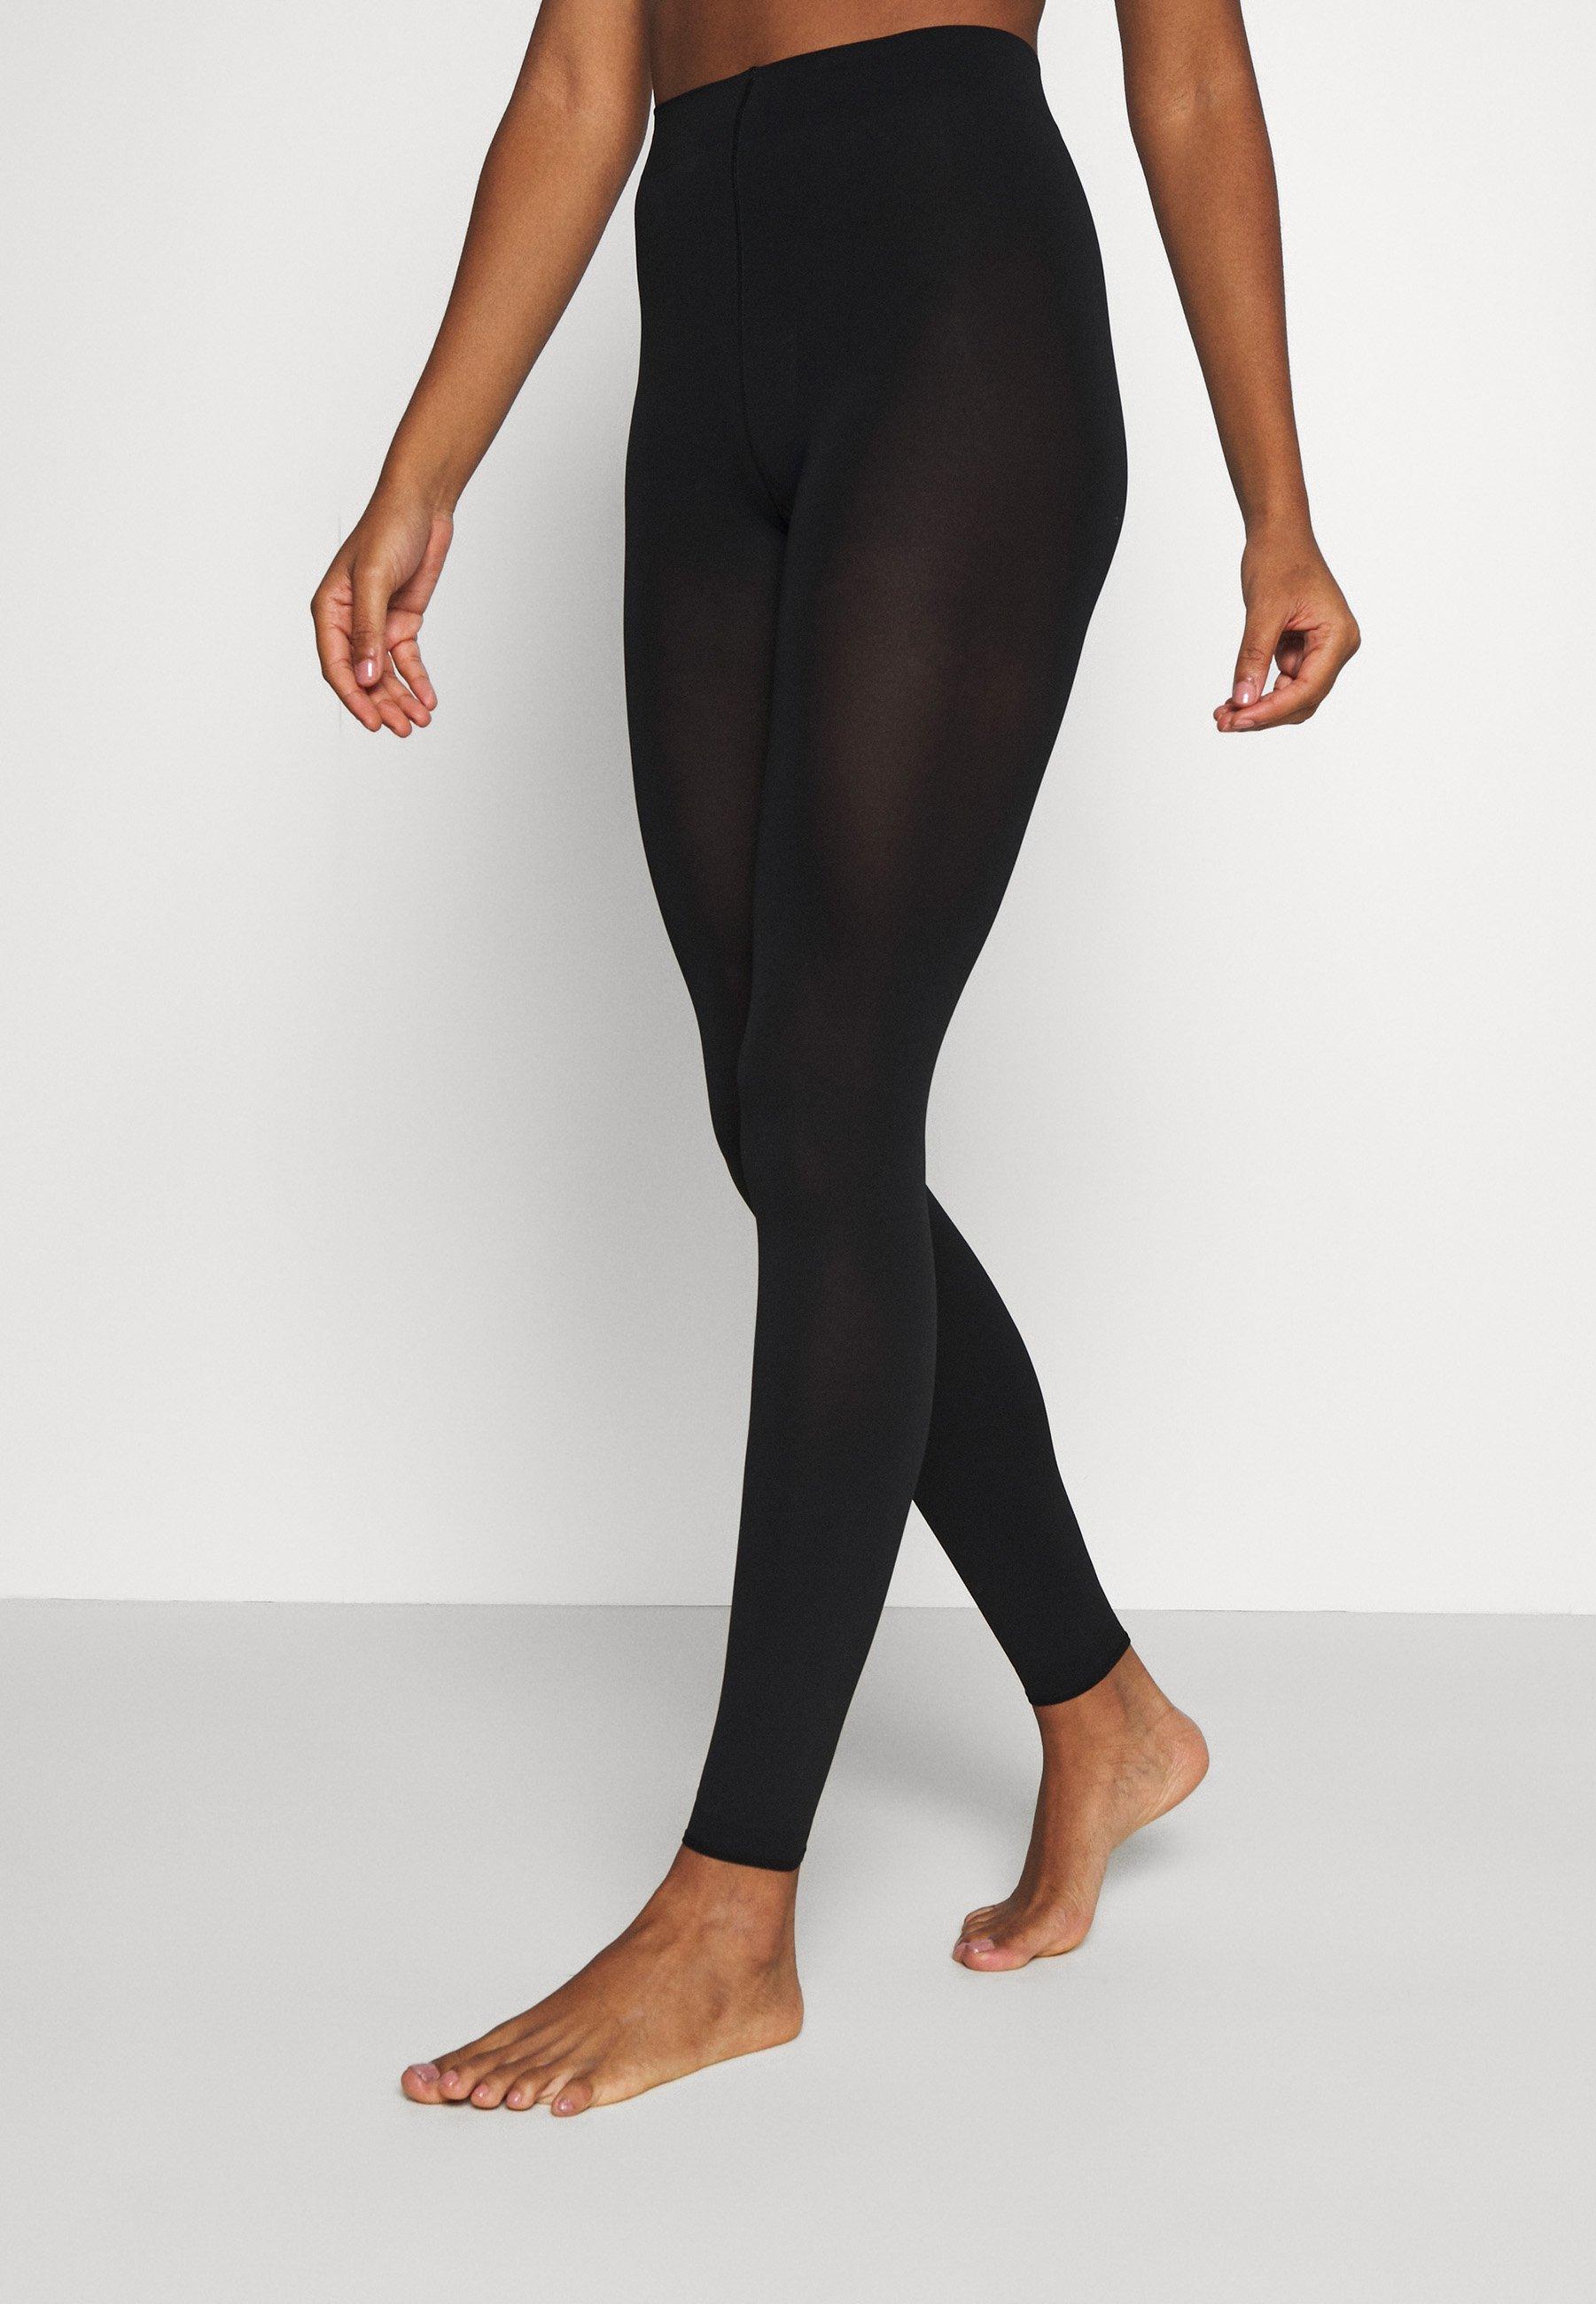 Women 2 PACK - Leggings - Stockings